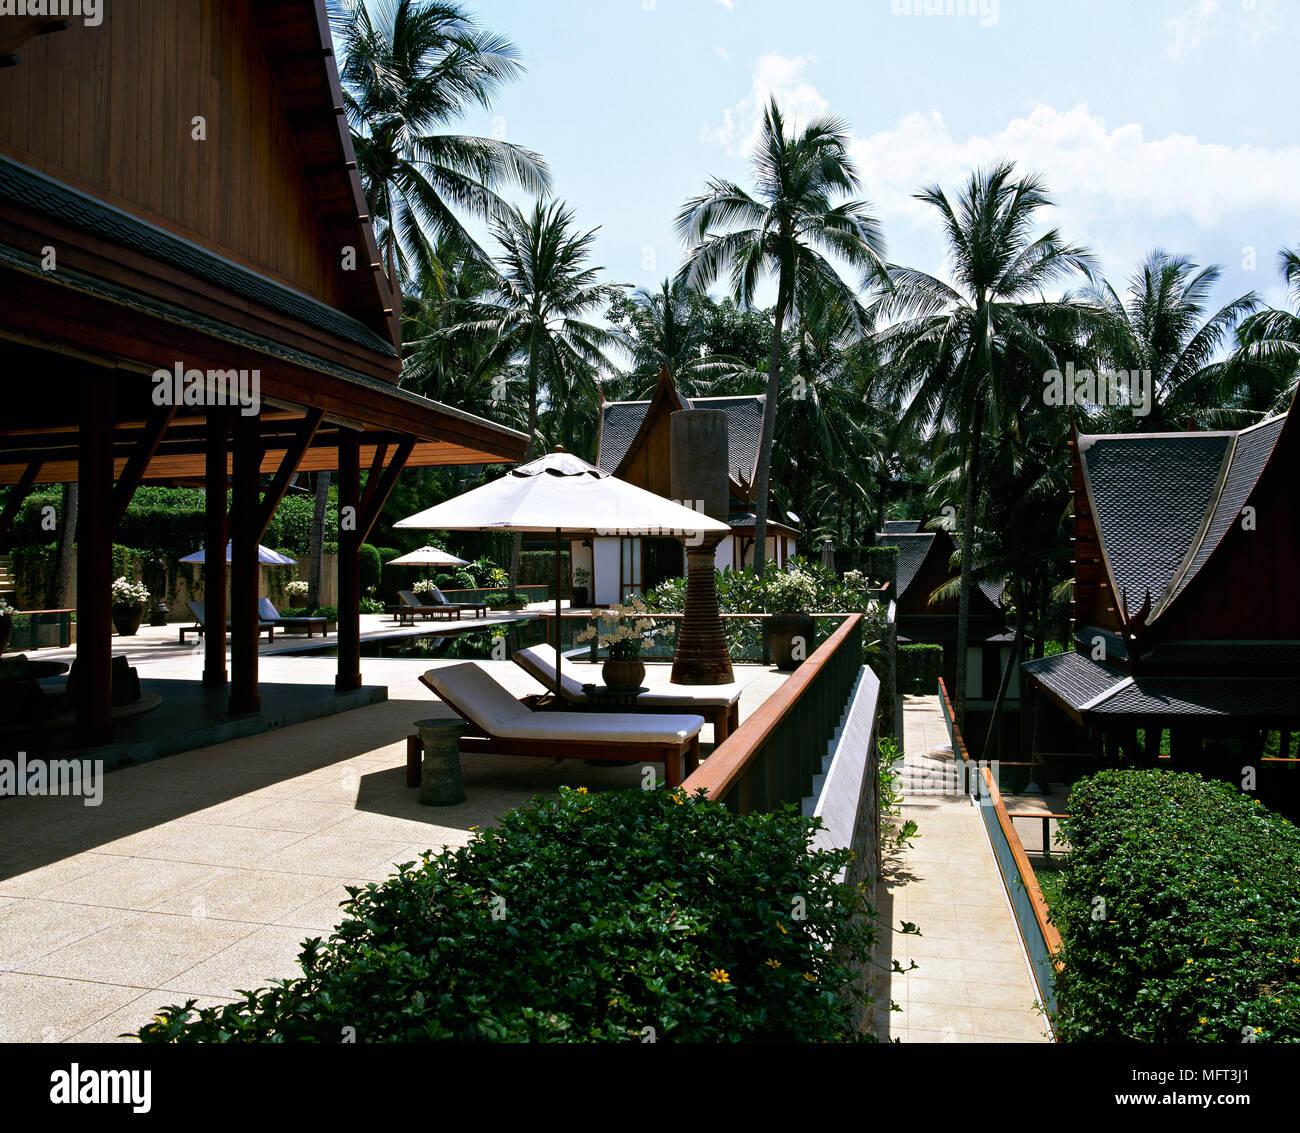 El Exterior Del Hotel Tailandés Villas Privadas Tumbonas